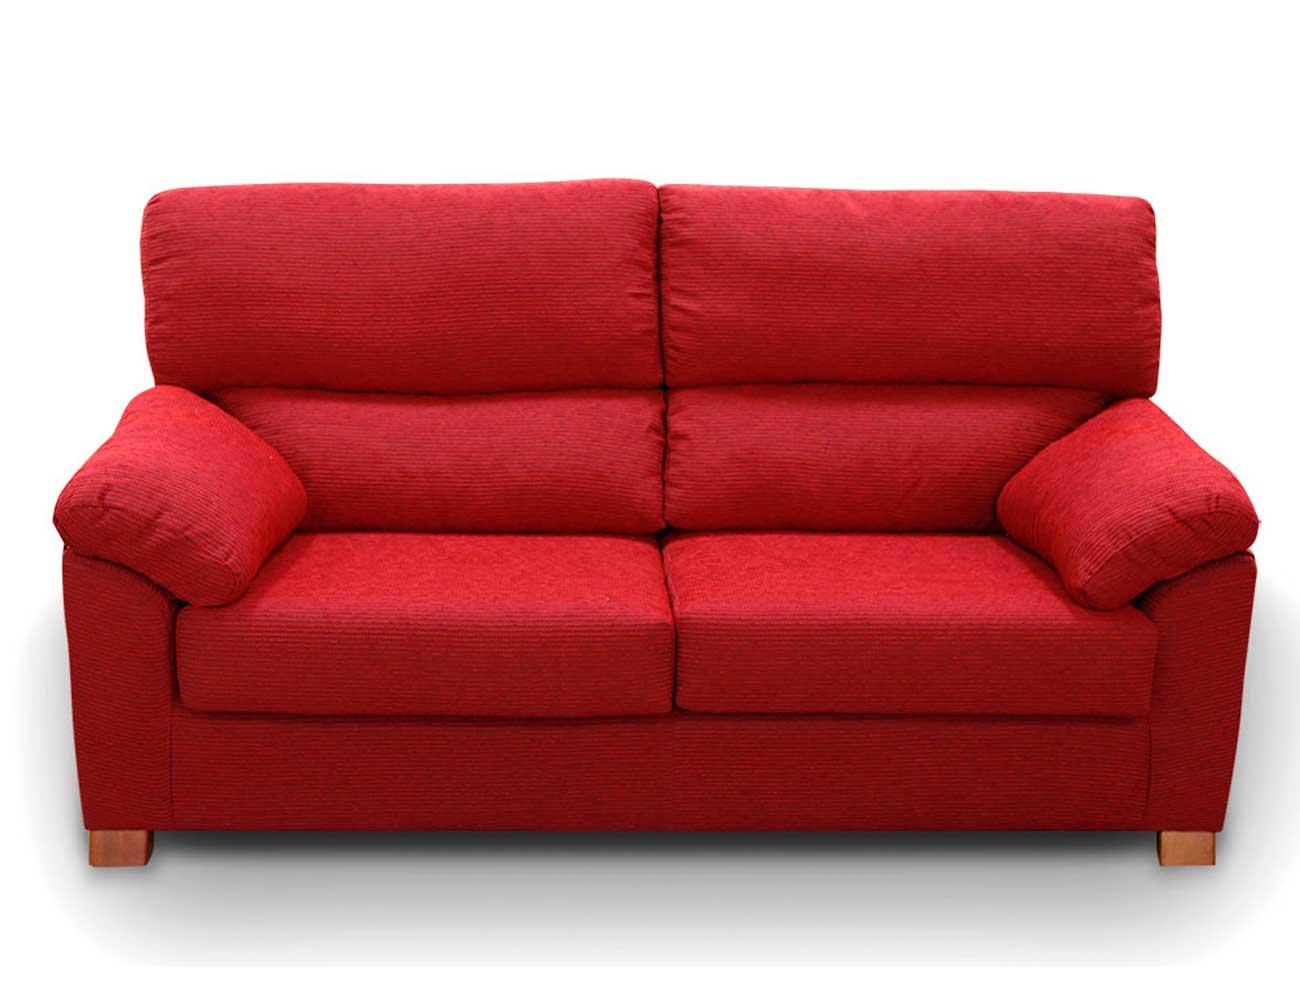 Sofa barato 3 plazas rojo11